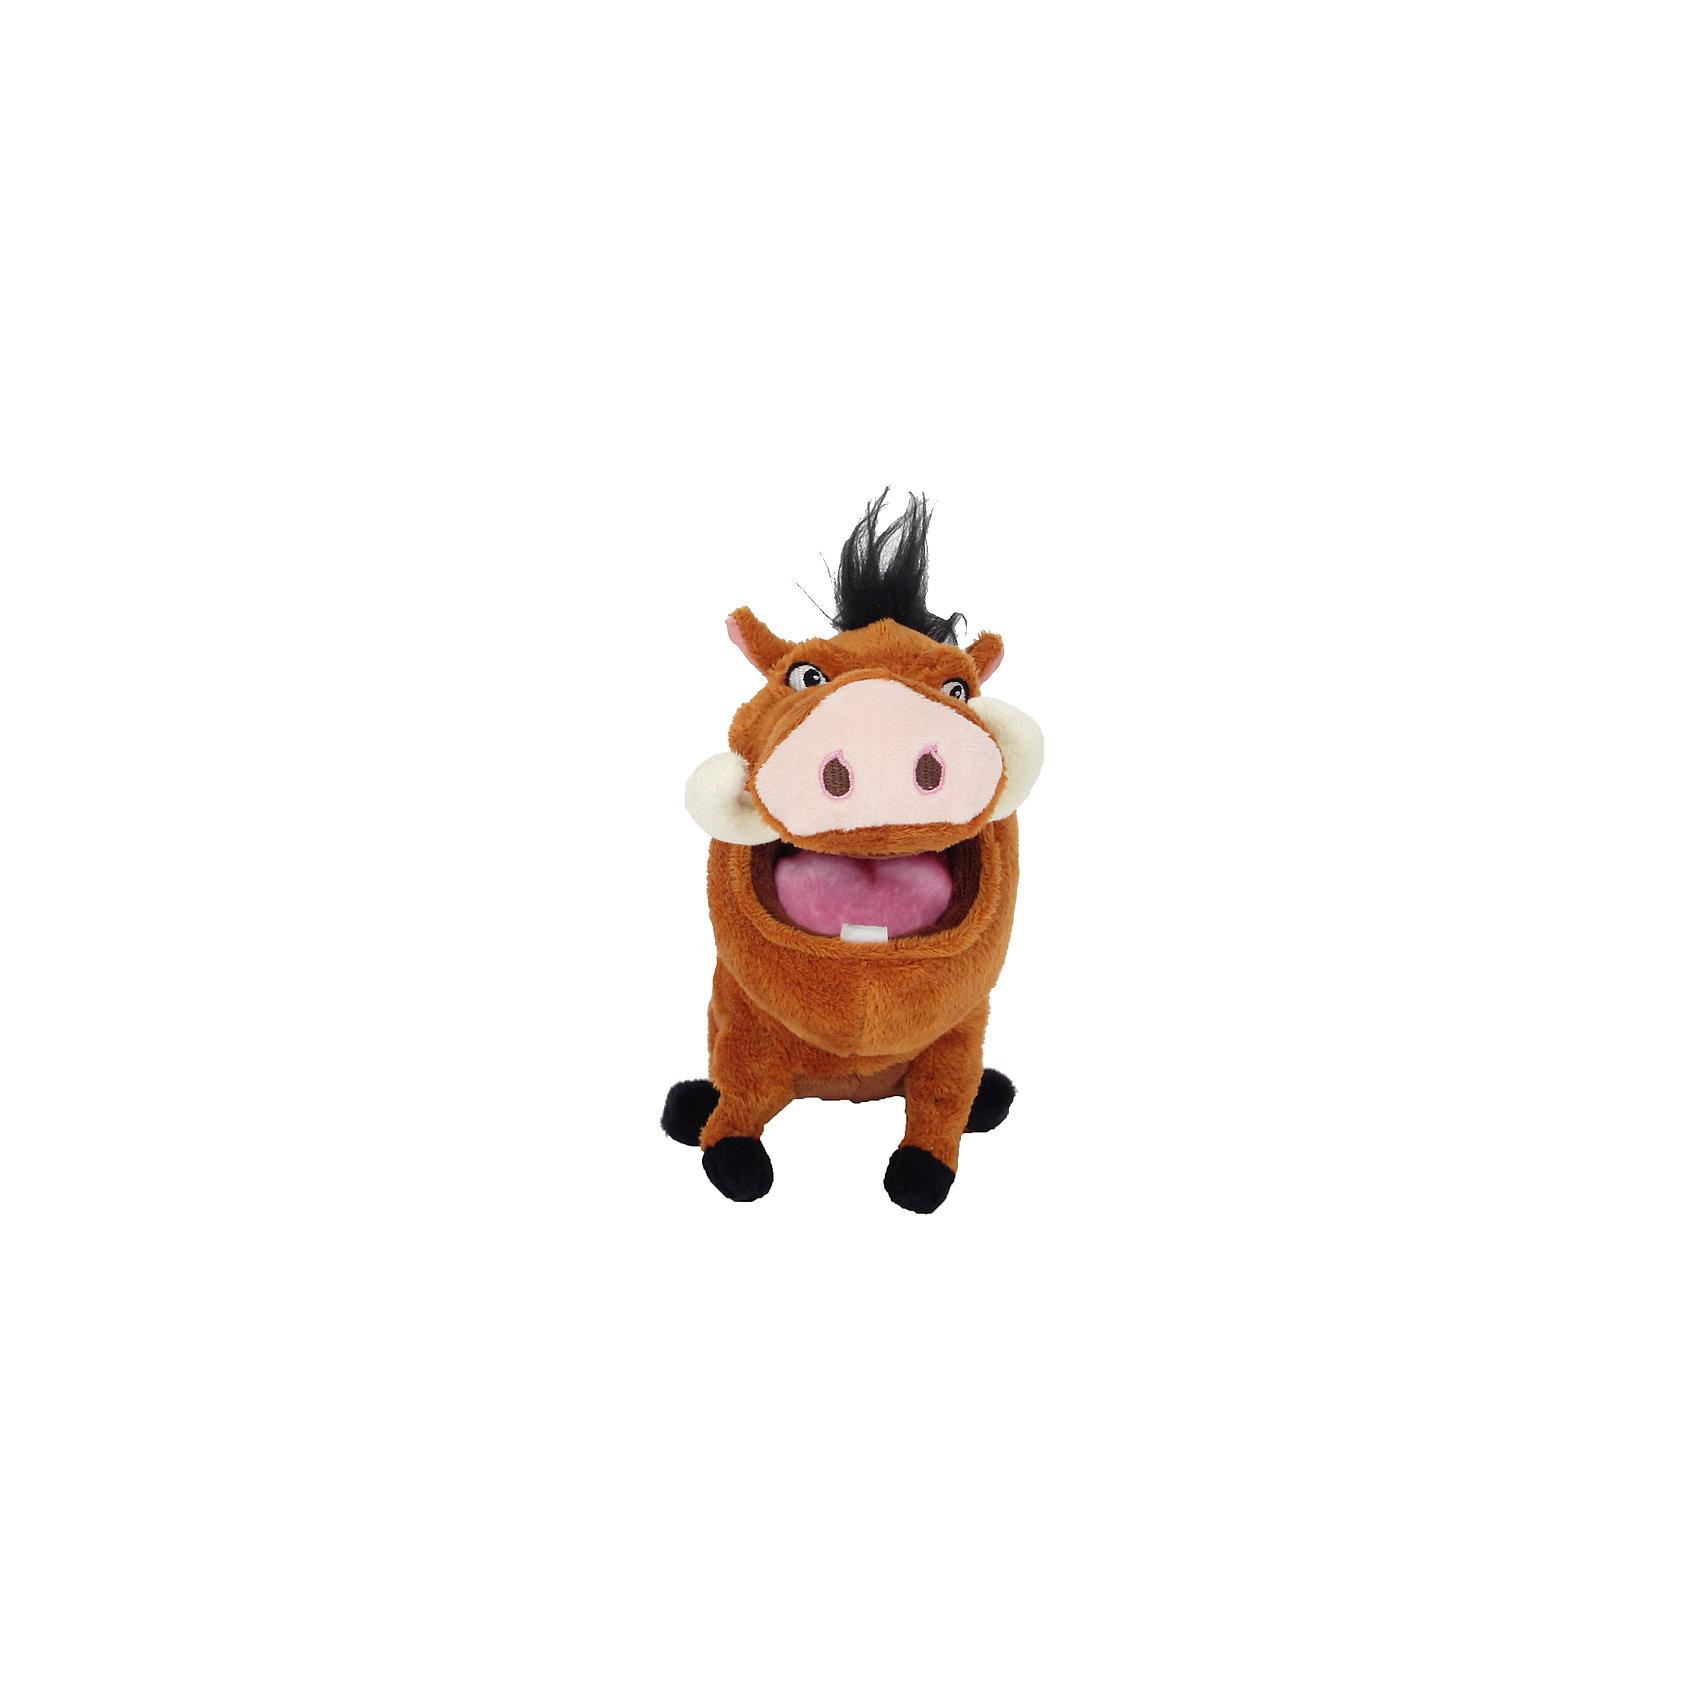 Мягкая игрушка Пумба, 25 см, NicotoyЛюбимые герои<br>Характеристики товара:<br><br>• возраст от 3 лет;<br>• материал: плюш;<br>• размер игрушки 25 см;<br>• размер упаковки 30х15х10 см;<br>• вес упаковки 160 гр.;<br>• страна производитель: Китай.<br><br>Мягкая игрушка «Пумба» 25 см Nicotoy — персонаж известного мультфильма «Король Лев» отзывчивый кабан Пумба, готовый всегда прийти на помощь. Игрушку можно брать с собой на прогулку, в детский садик, в гости к друзьям. Игрушка выполнена из качественного материала, безопасного для детей.<br><br>Мягкую игрушку «Пумба» 25 см Nicotoy можно приобрести в нашем интернет-магазине.<br><br>Ширина мм: 300<br>Глубина мм: 150<br>Высота мм: 100<br>Вес г: 160<br>Возраст от месяцев: 36<br>Возраст до месяцев: 96<br>Пол: Женский<br>Возраст: Детский<br>SKU: 5613502